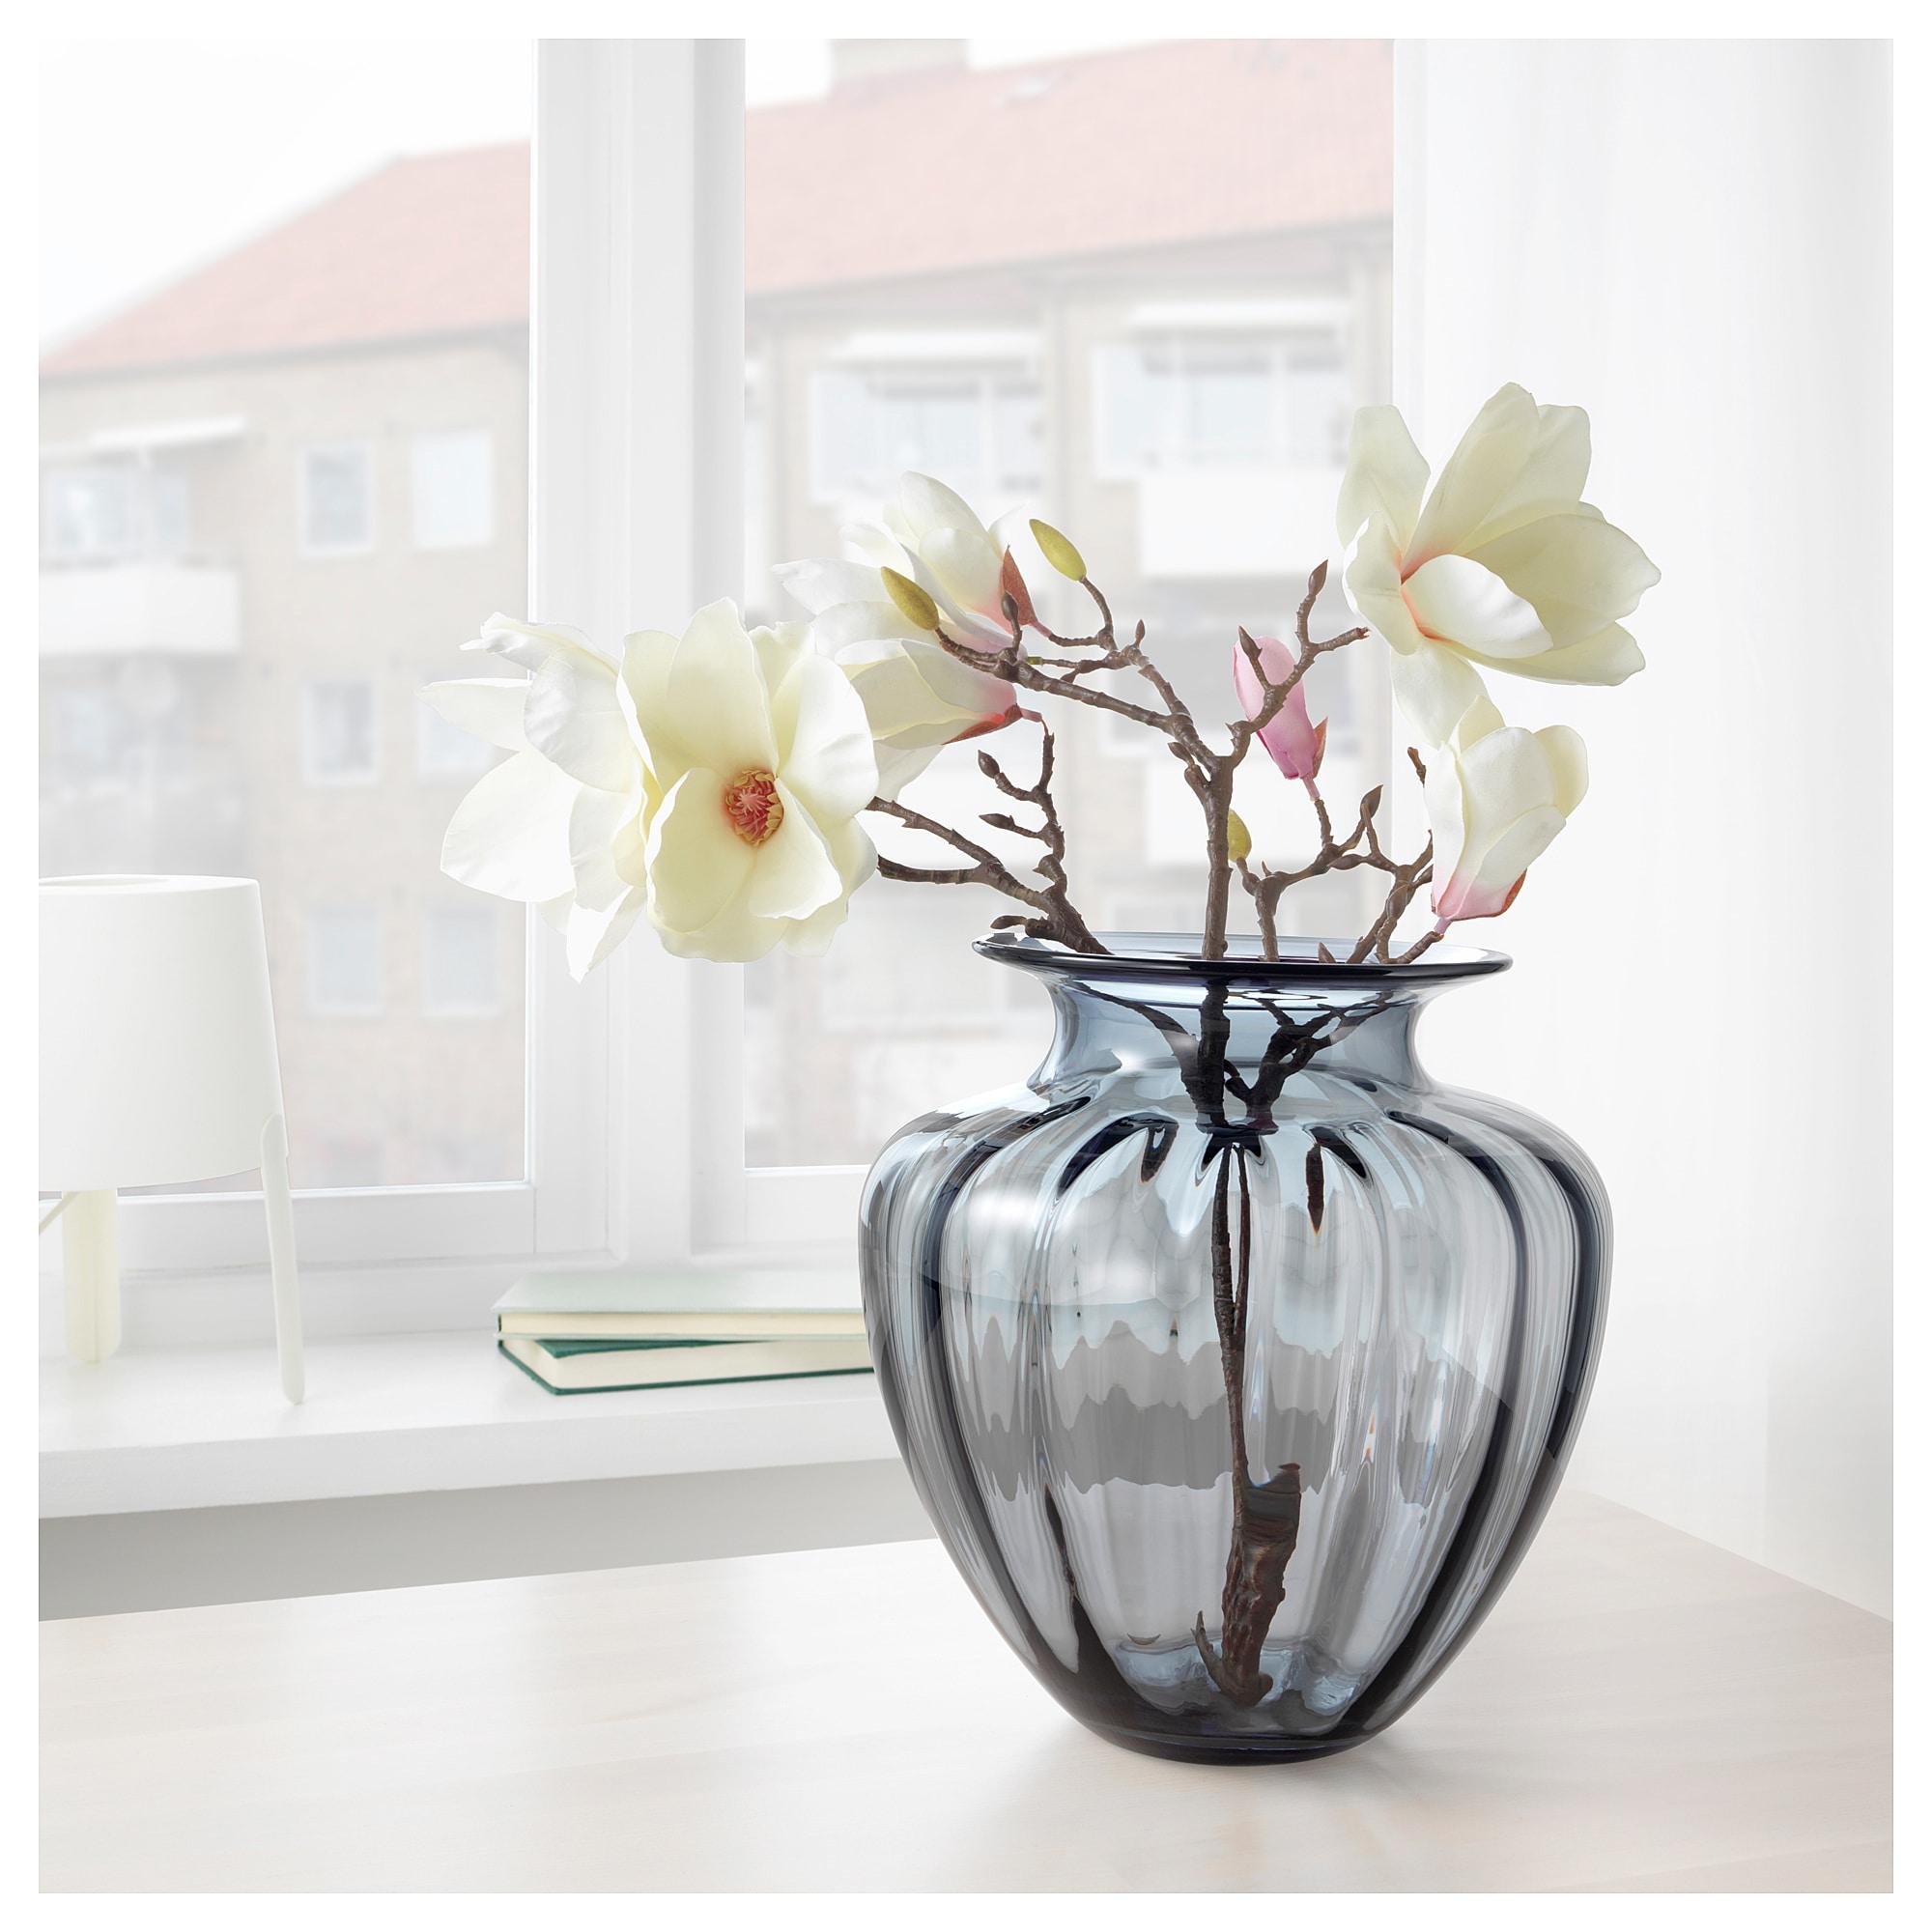 Tonsatta Vase Grau Ikea Osterreich Vase Dekoration Und Ikea